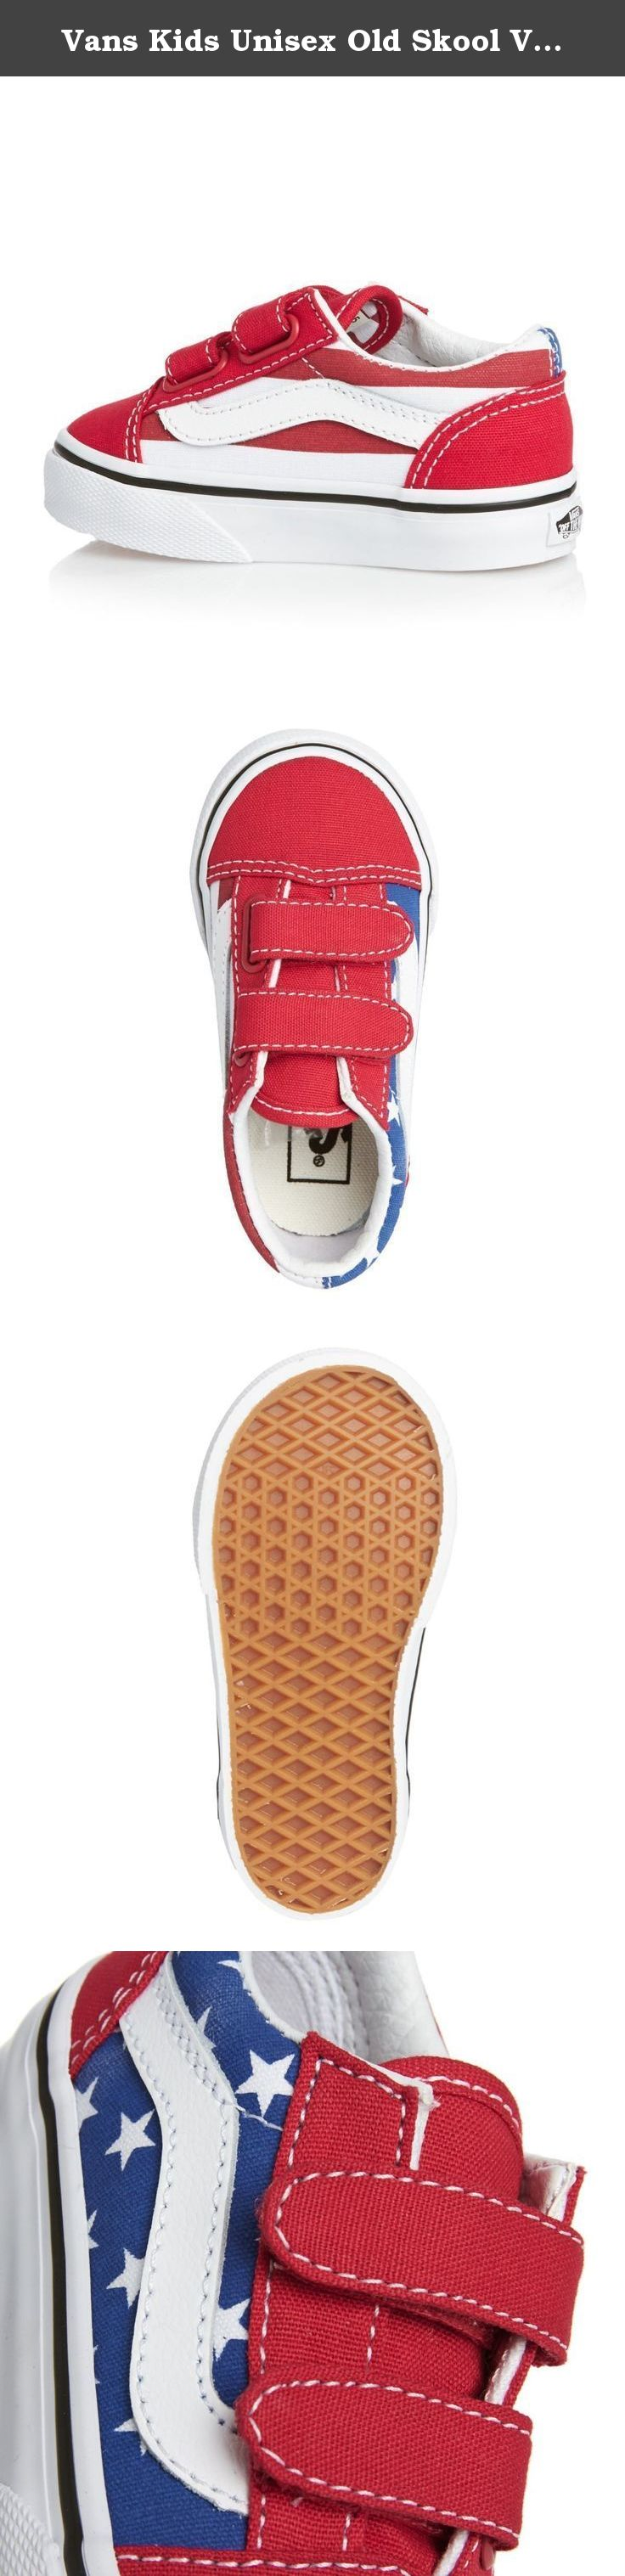 ebfa7d390d Vans Kids Unisex Old Skool V (Toddler) (Stars   Stripes) Red Blue ...